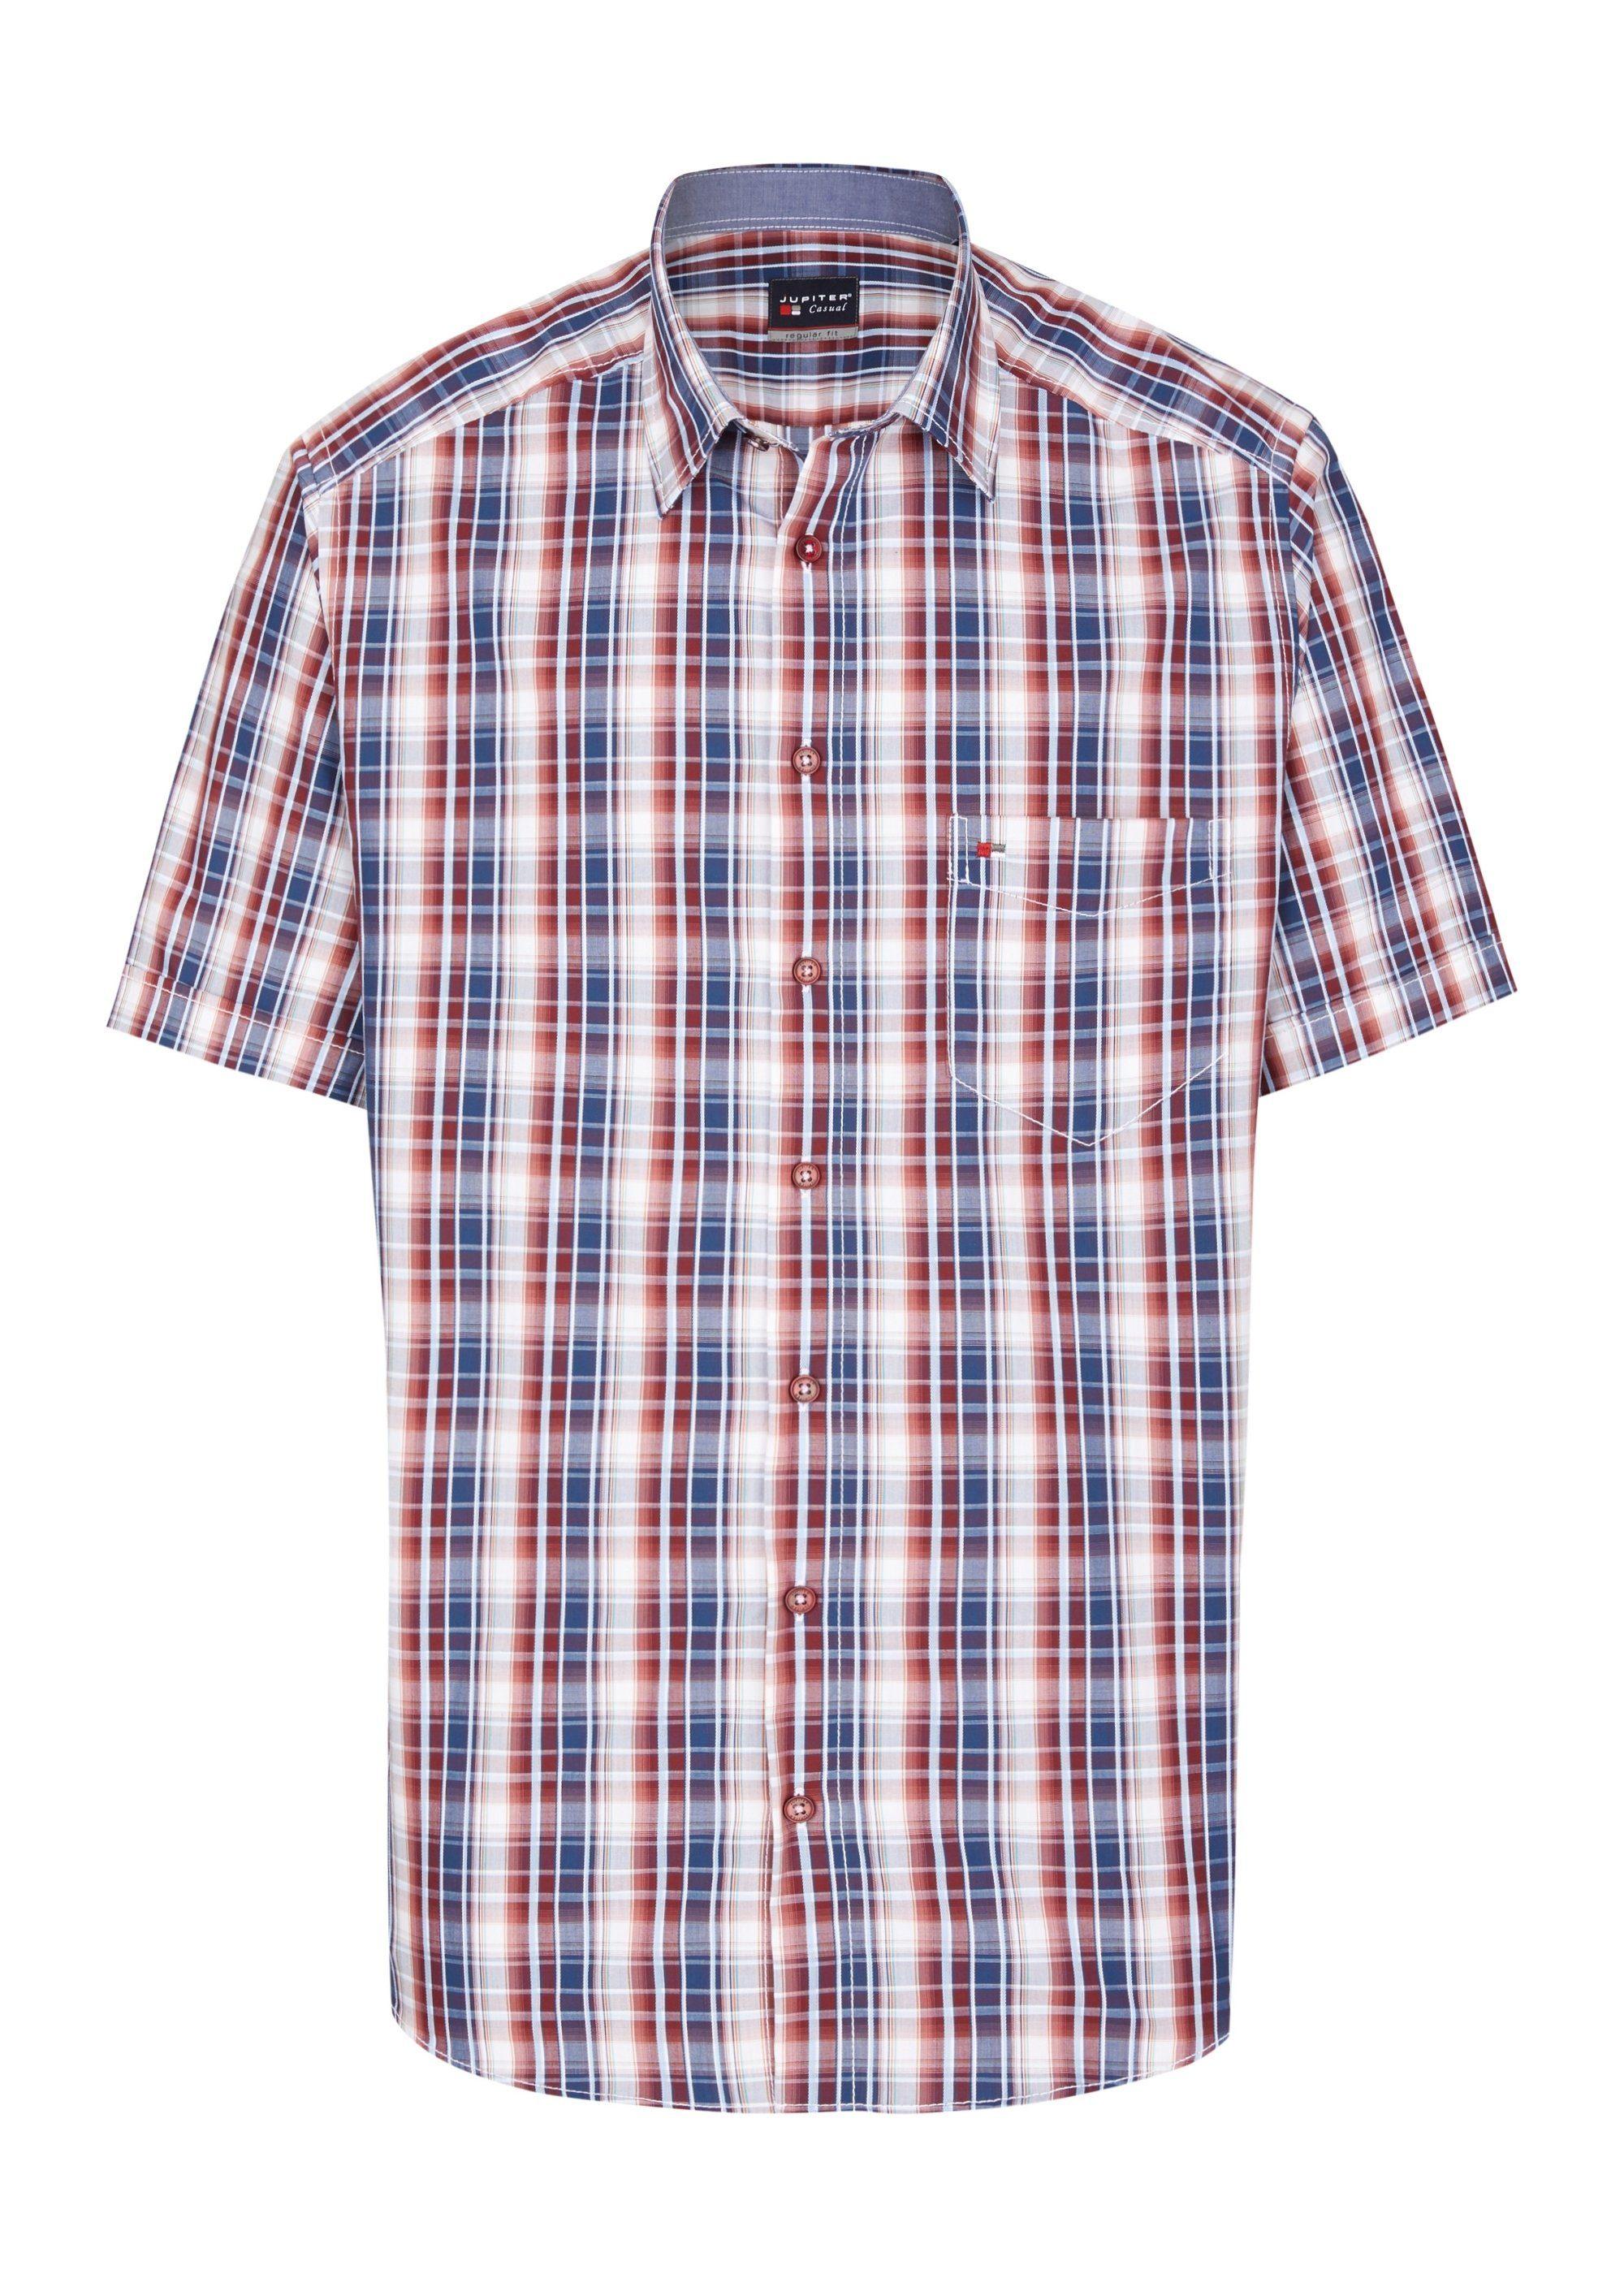 Jupiter Cooles lässiges Freizeithemd | Bekleidung > Hemden > Freizeithemden | Jupiter